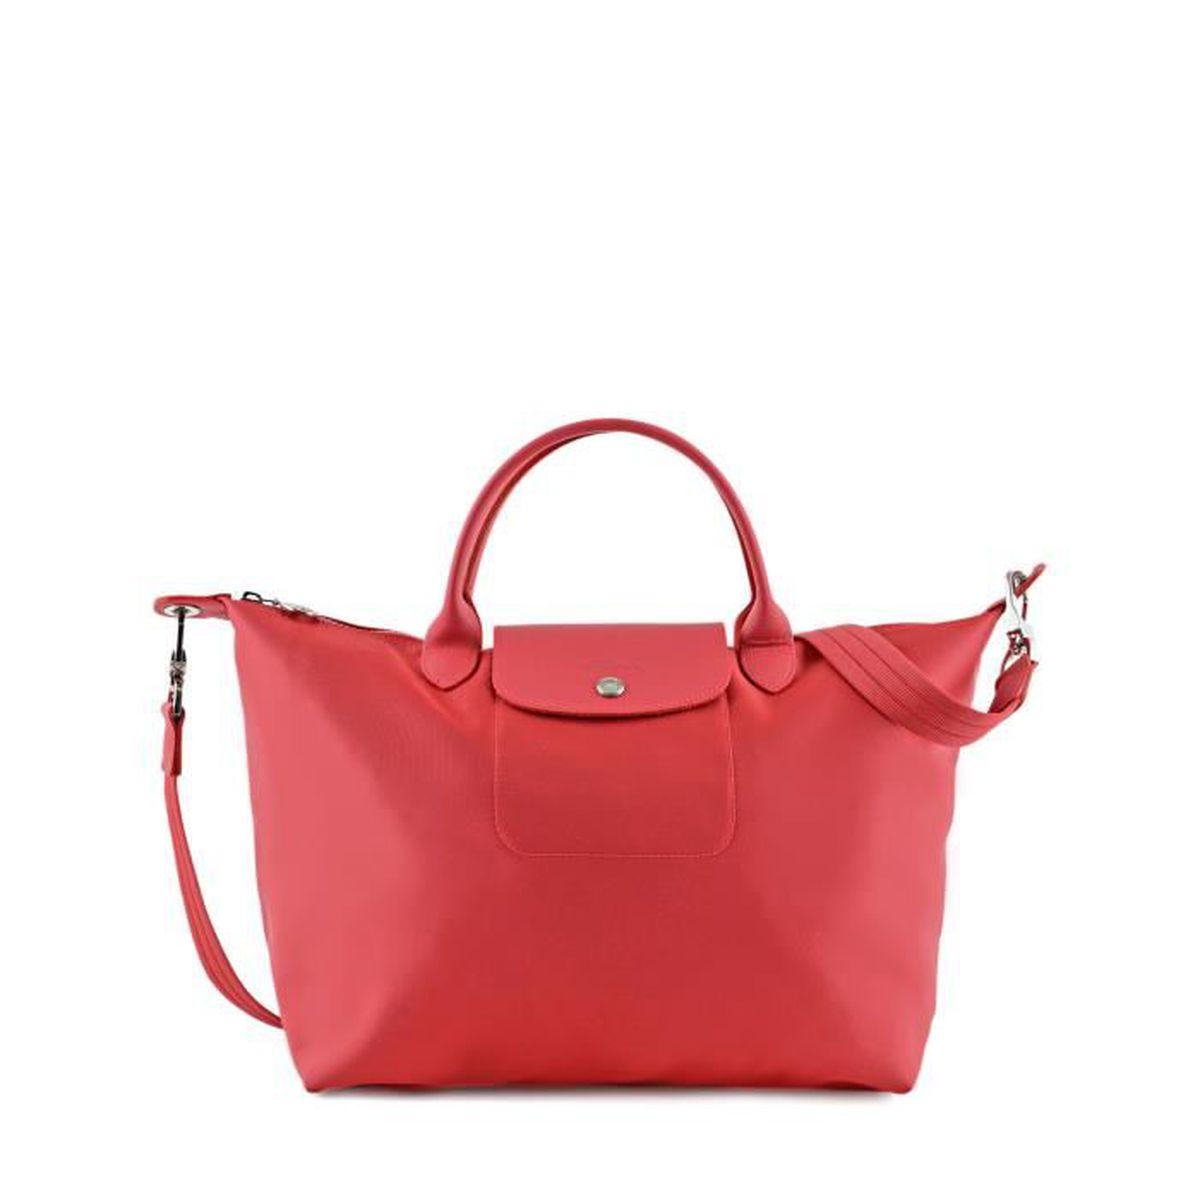 4eba5e313d6c4 LONGCHAMP - sac femme porté main et bandoulière - PIVOINE PLIAGE NEO ...